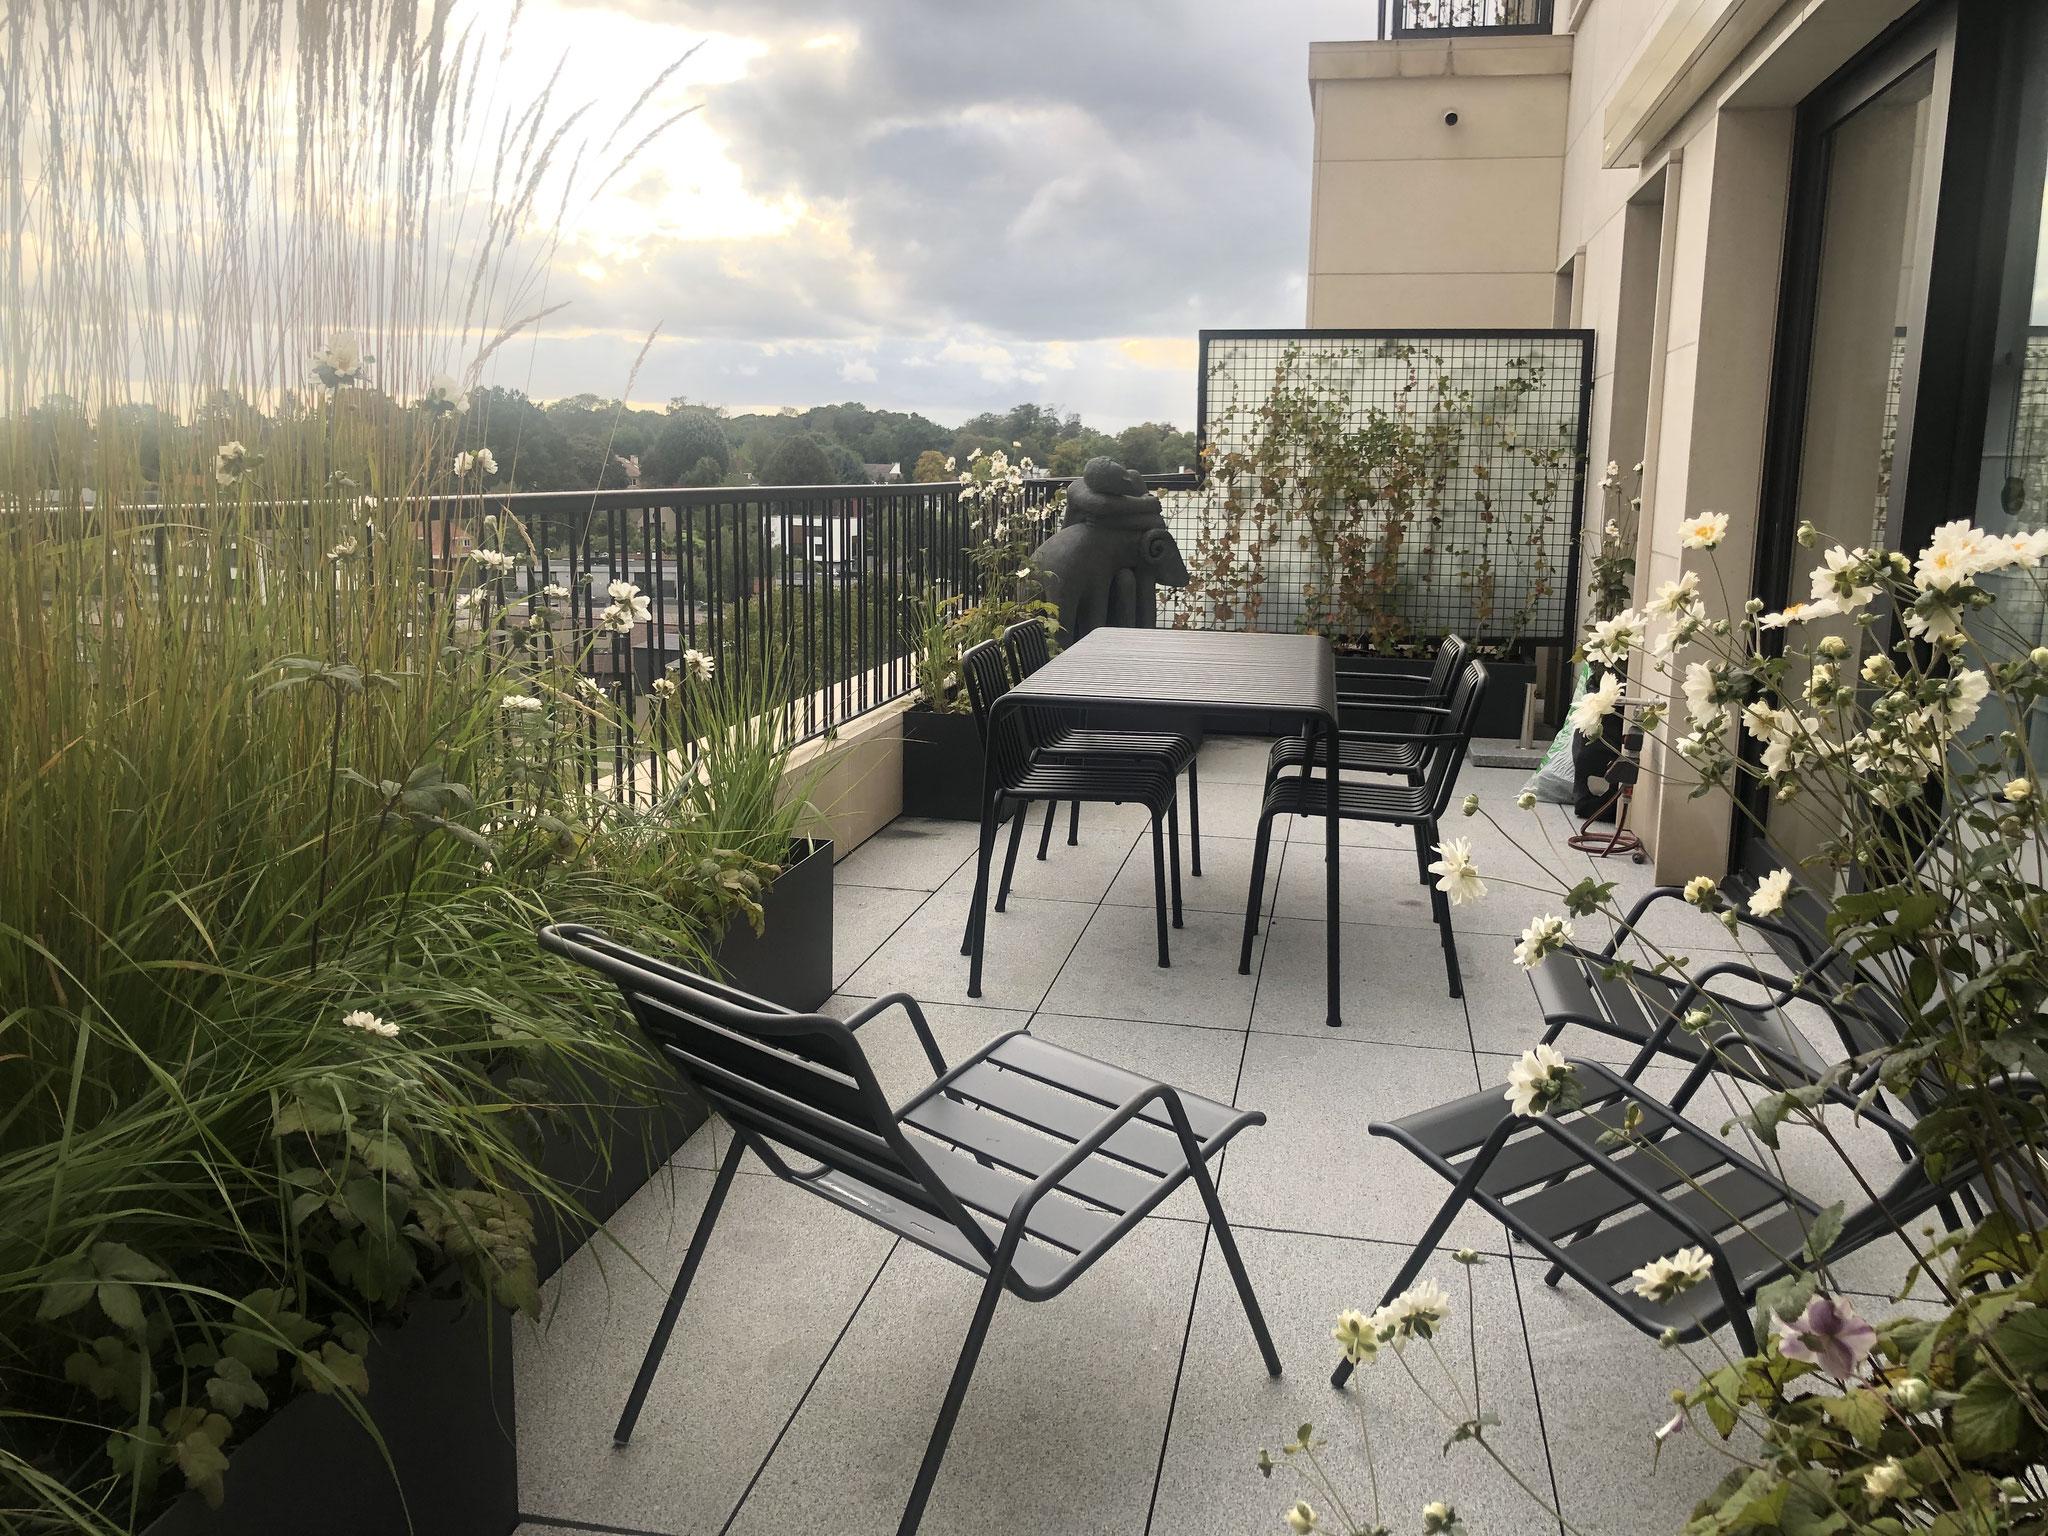 Terrasse de 25m2 - Jardin naturalliste - Partie ouverte sur la vue. Aménagement jardin Bruxelles